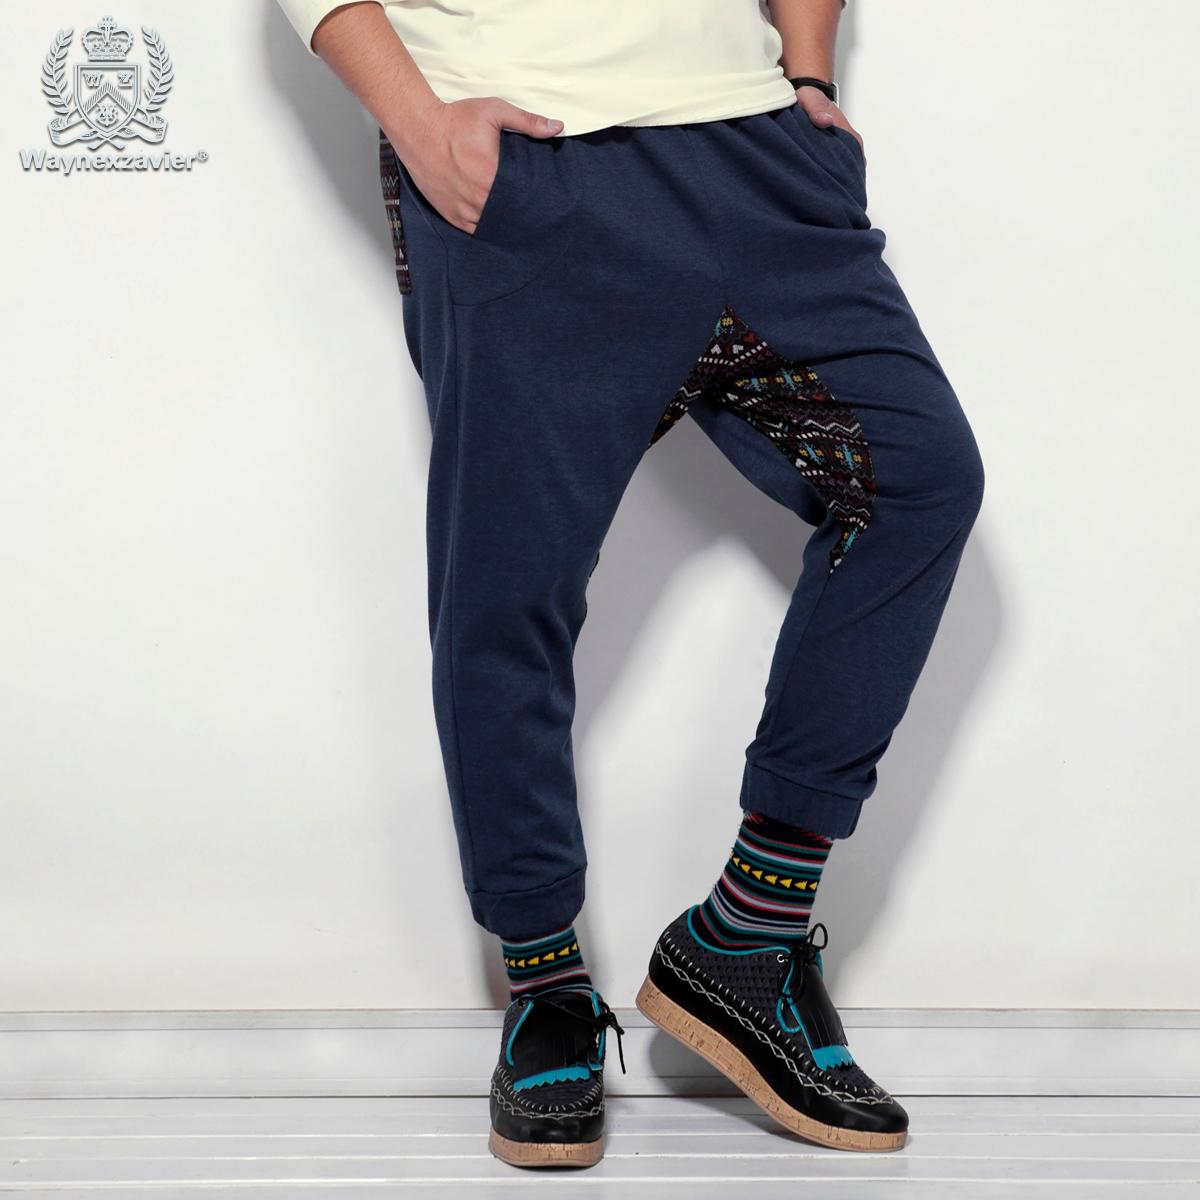 Повседневные брюки Waynexzavier wz2013590 #590 Осень